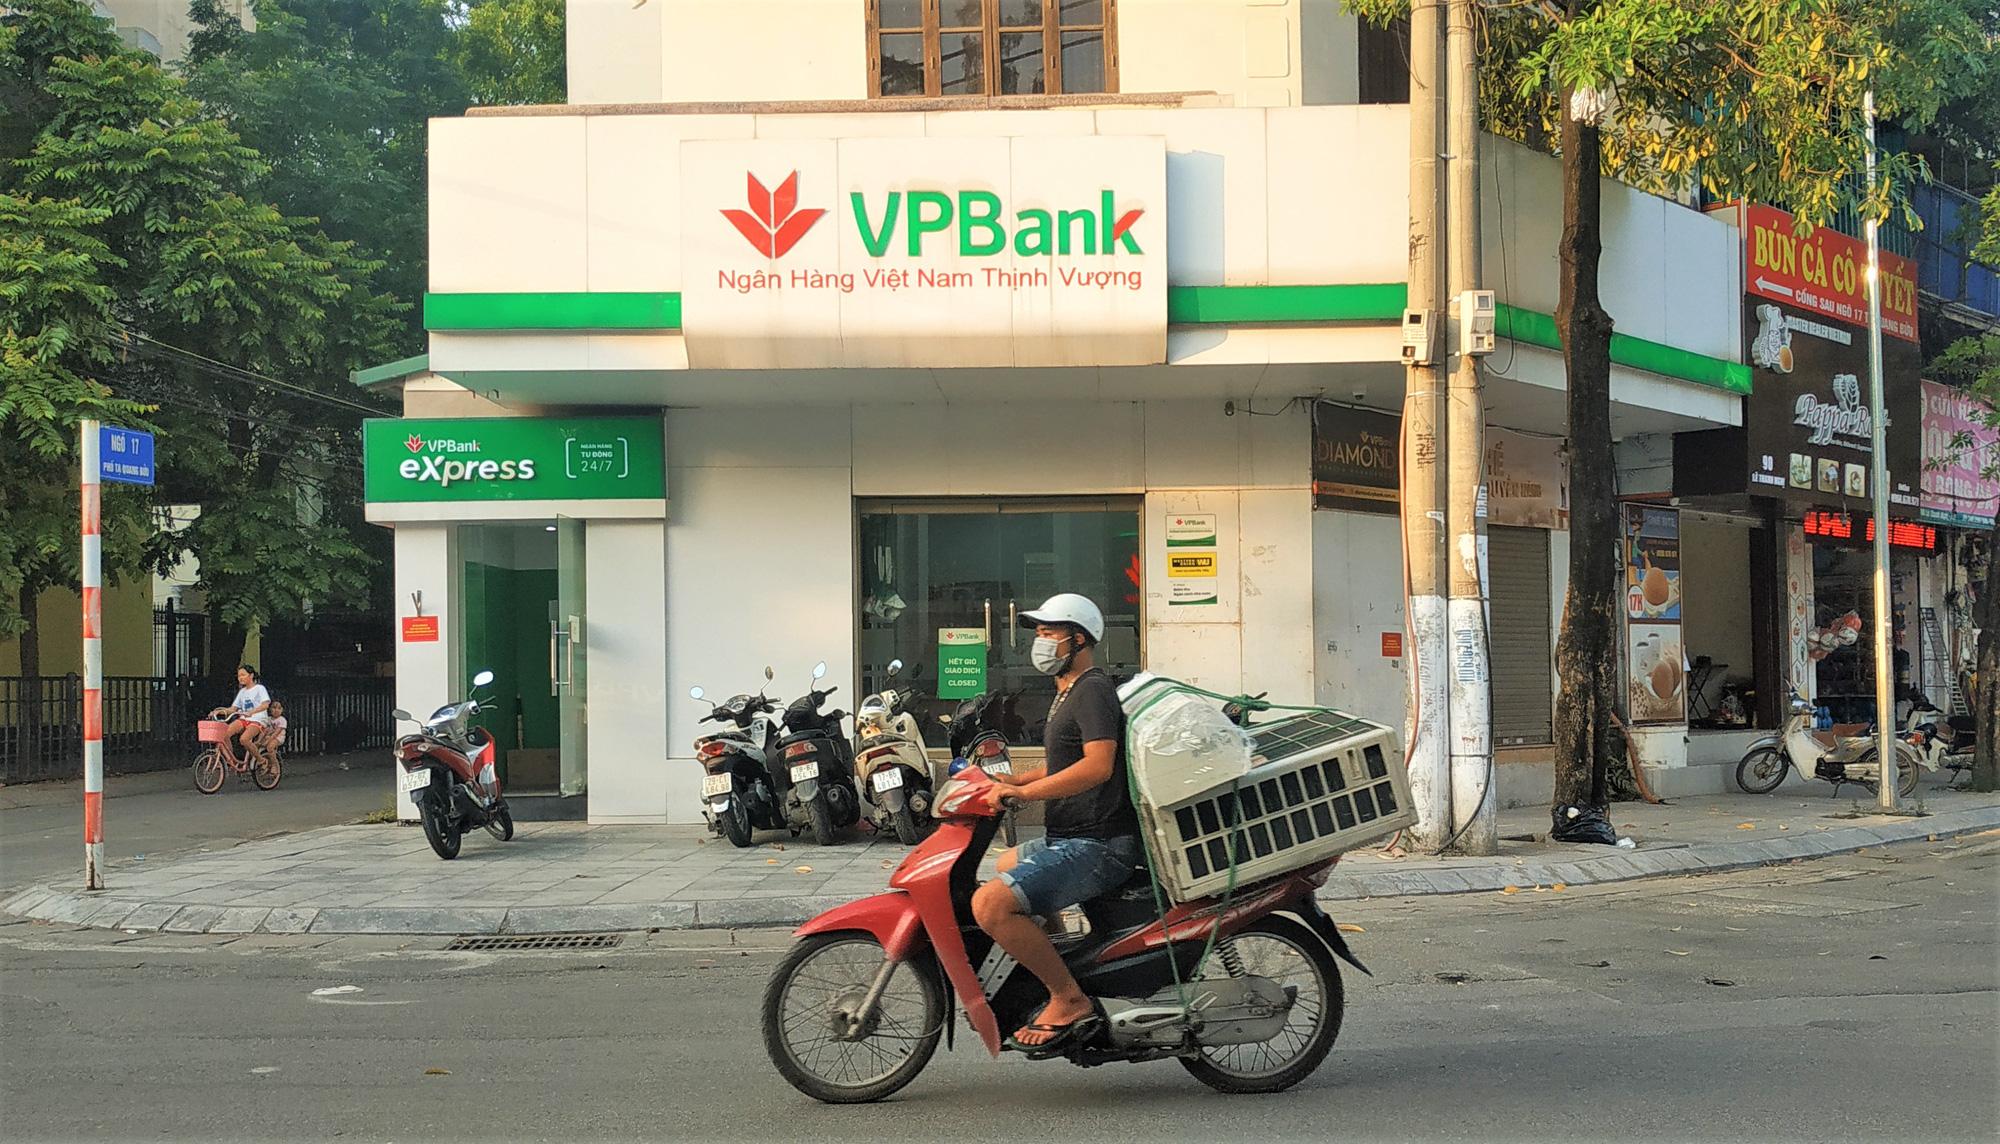 Vốn hóa cổ phiếu ngân hàng tăng 43.500 tỷ đồng sau phiên hồi phục - Ảnh 1.